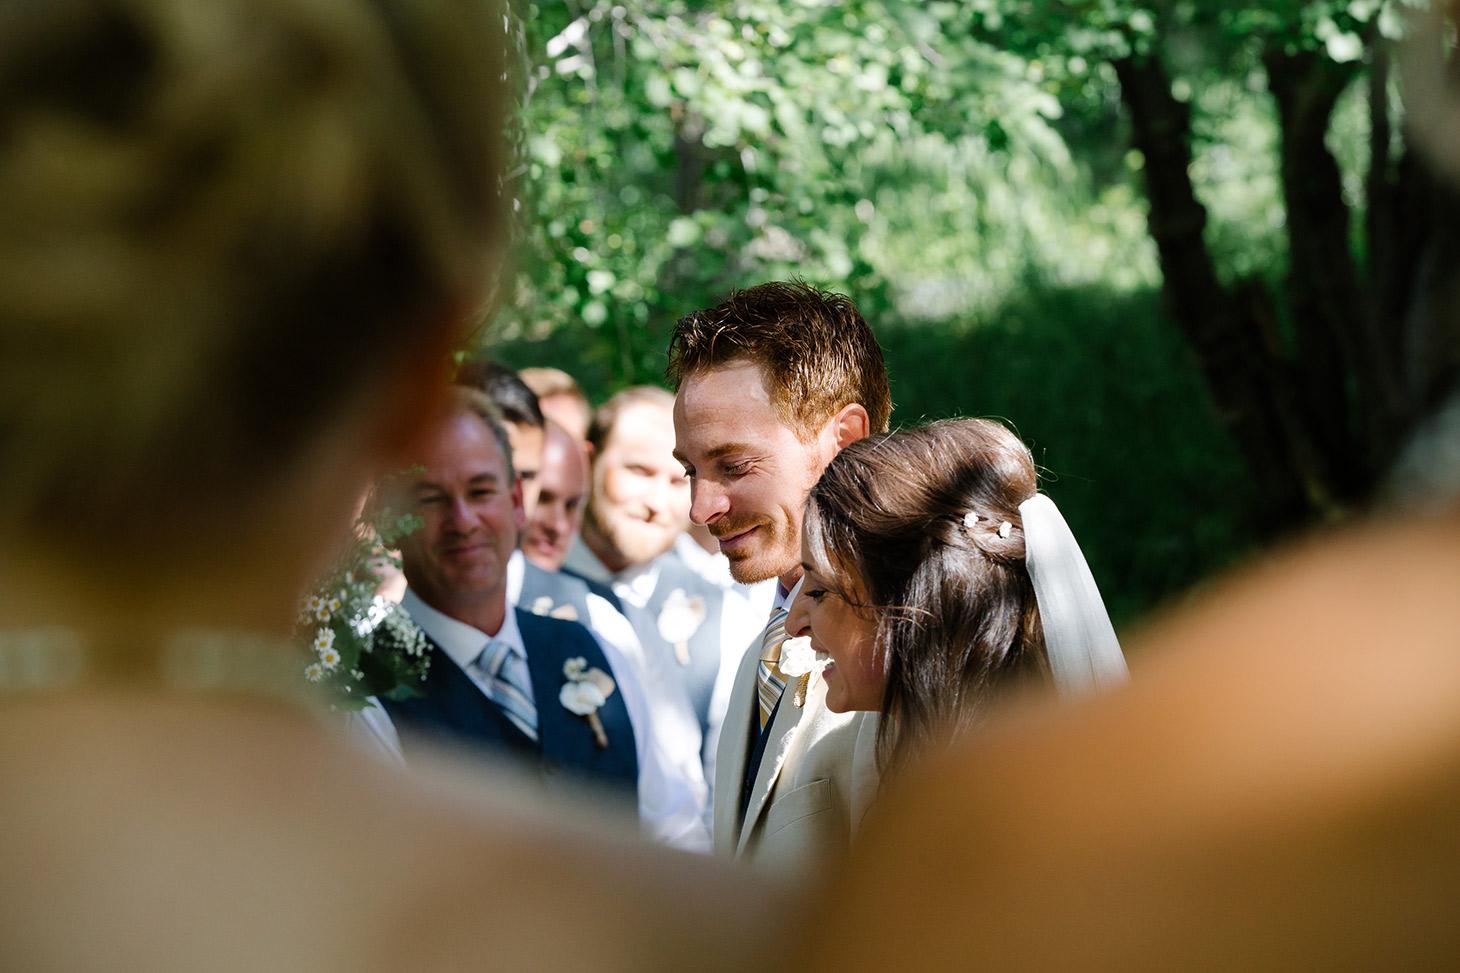 Megan-Newton-Photography-Best-Wedding-Photos-2015-112